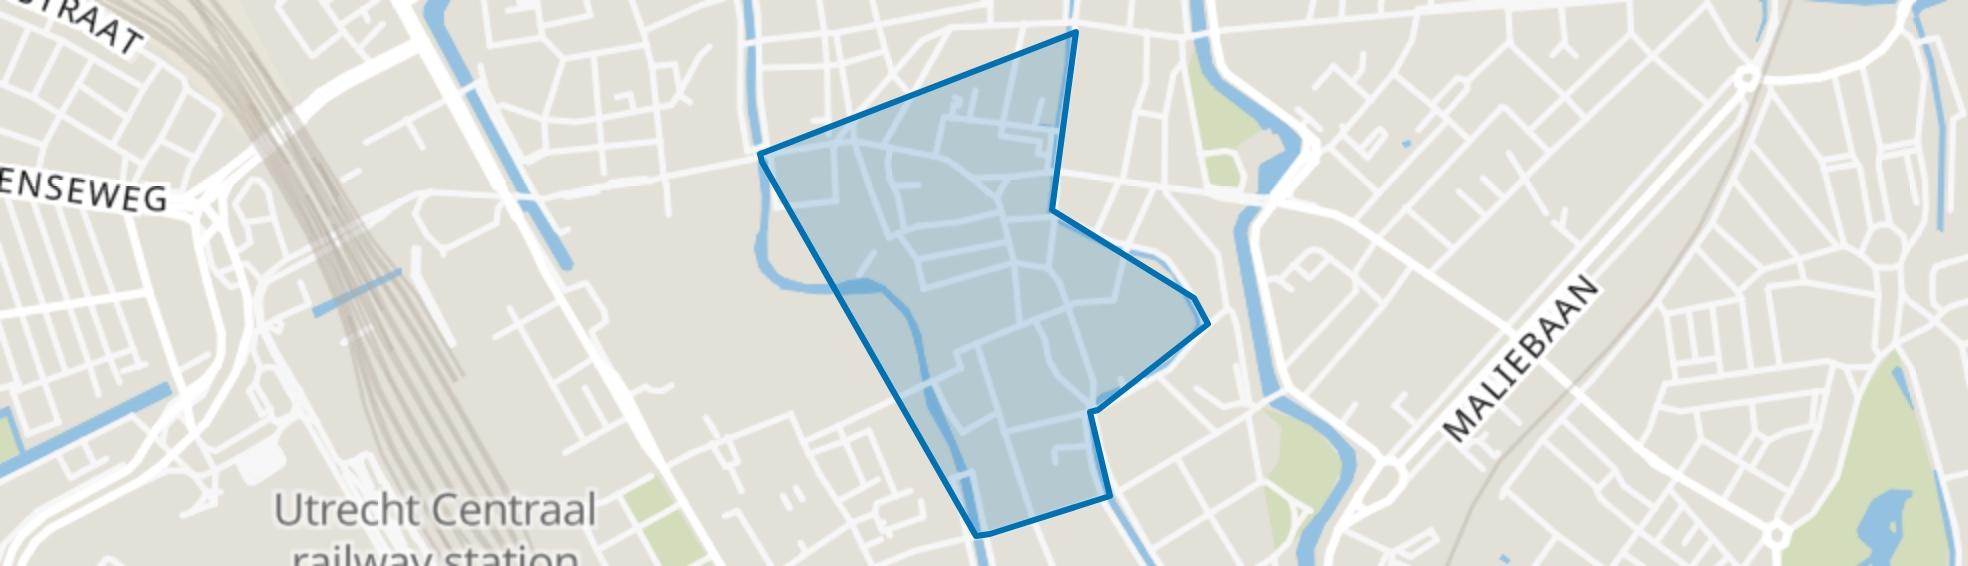 Domplein, Neude, Janskerkhof, Utrecht map